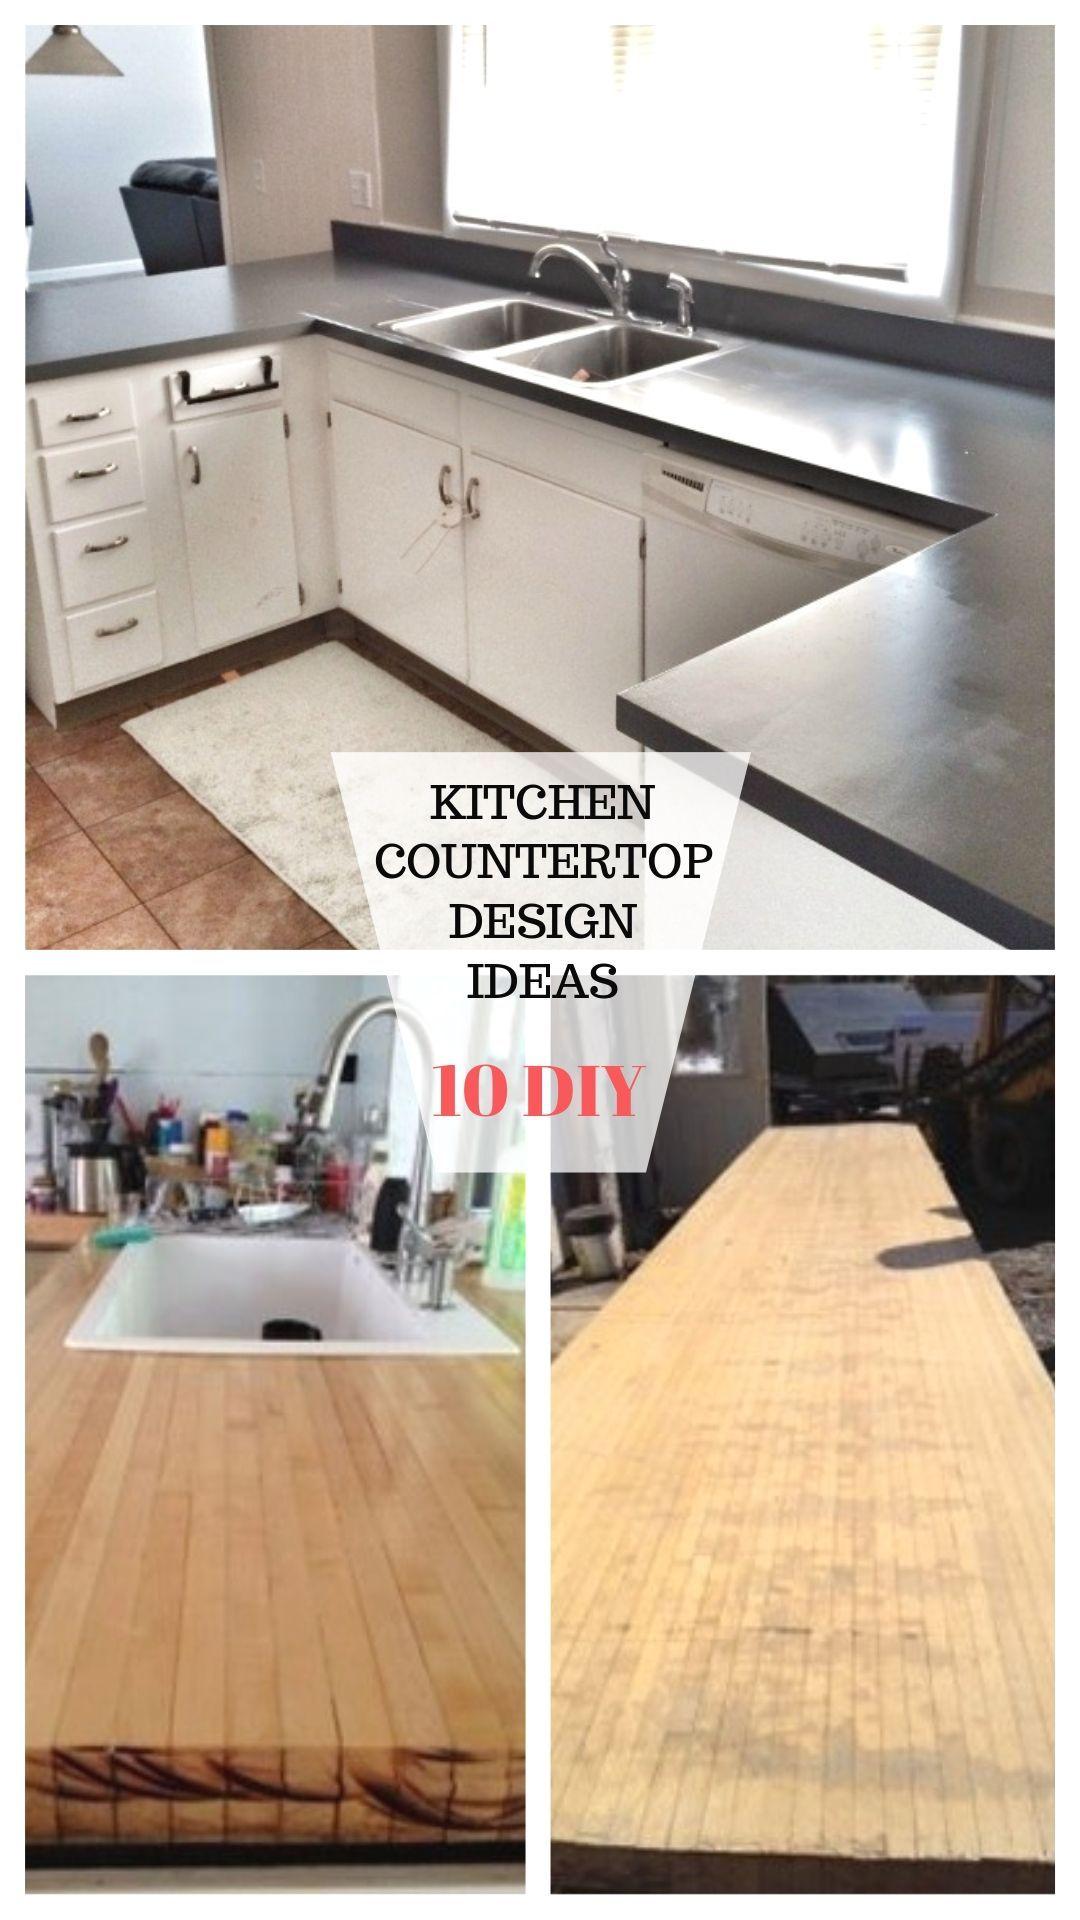 Teal Kitchen Decor Kitchen Decor Walmart Mickey Mouse Kitchen Decor Pink Kitchen Decor Oran In 2020 Diy Kitchen Countertops Diy Kitchen Kitchen Backsplash Designs